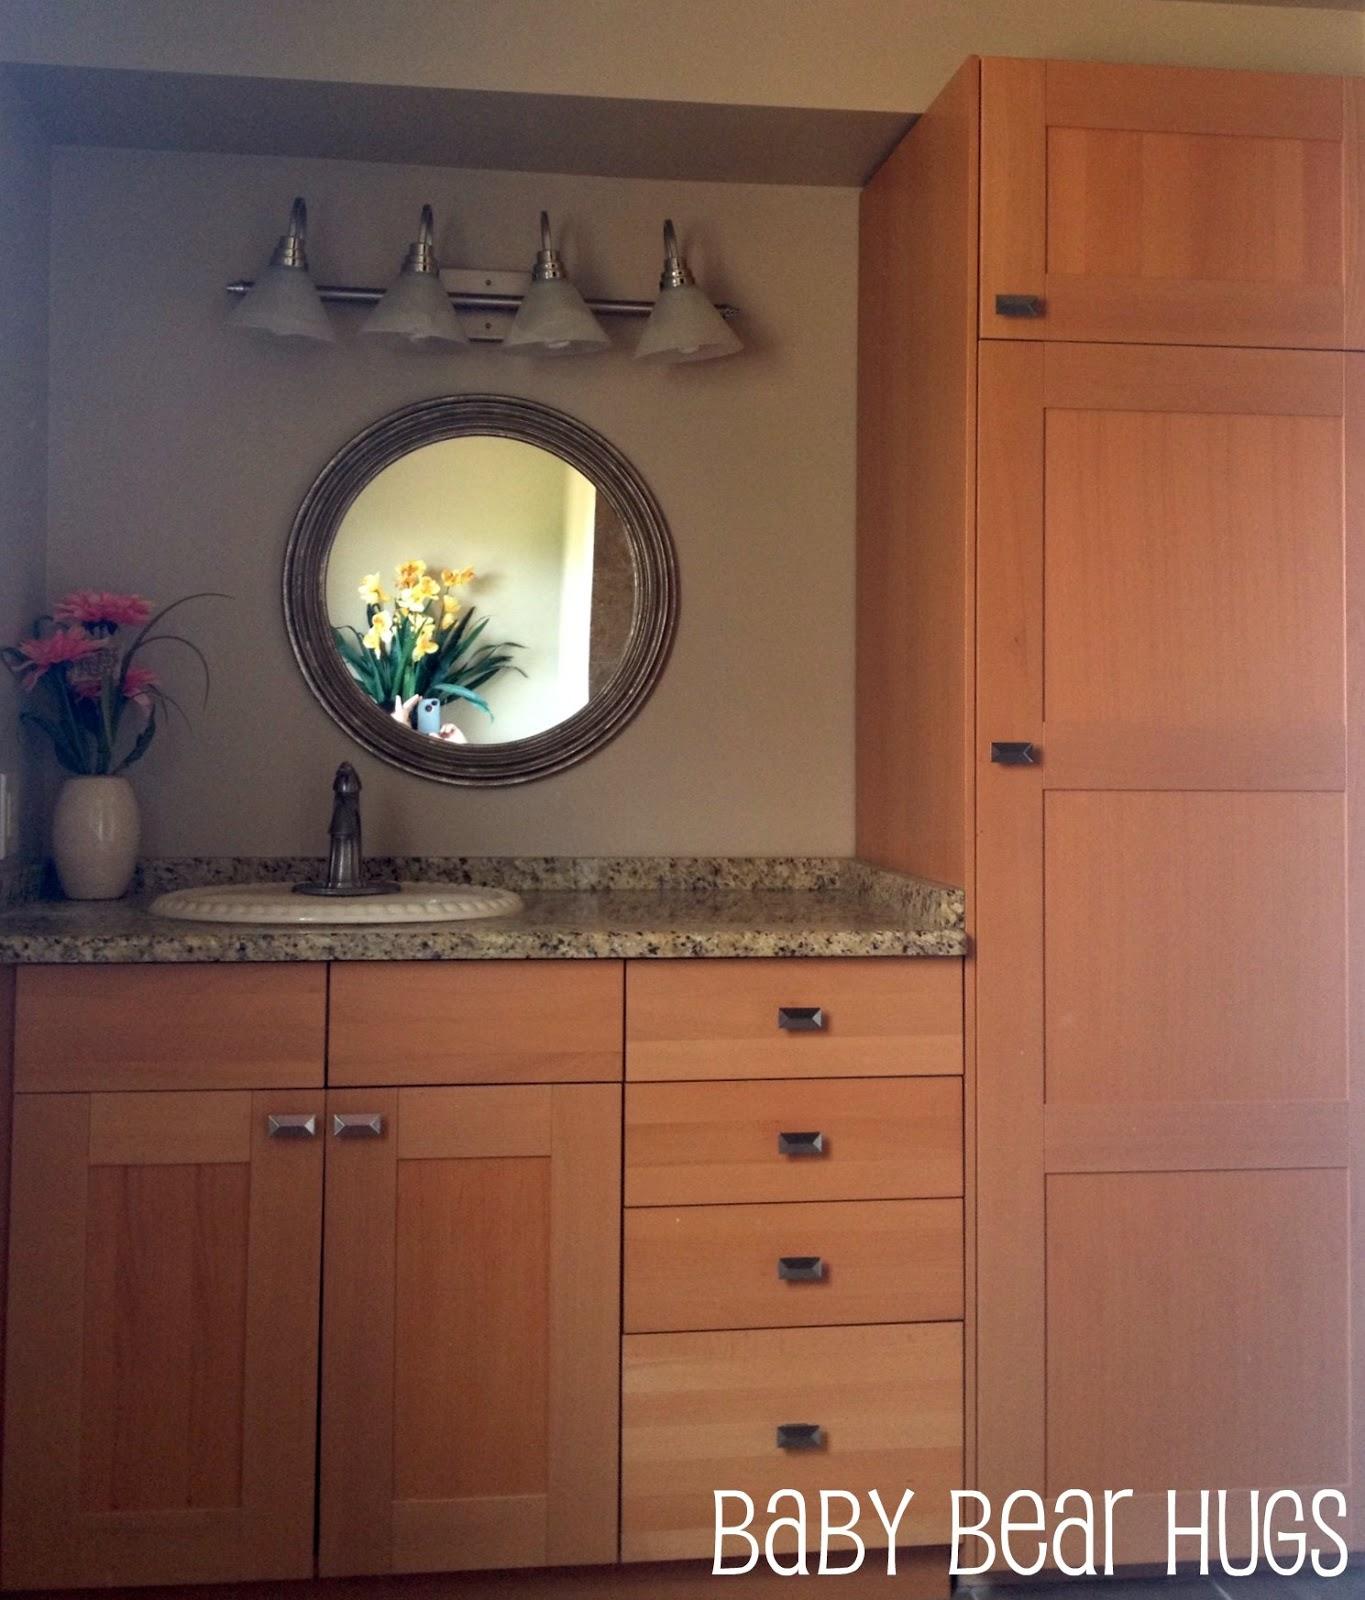 Baby bear hugs bathroom ikea hack - Ikea floating bathroom vanity using kitchen cabinets ...